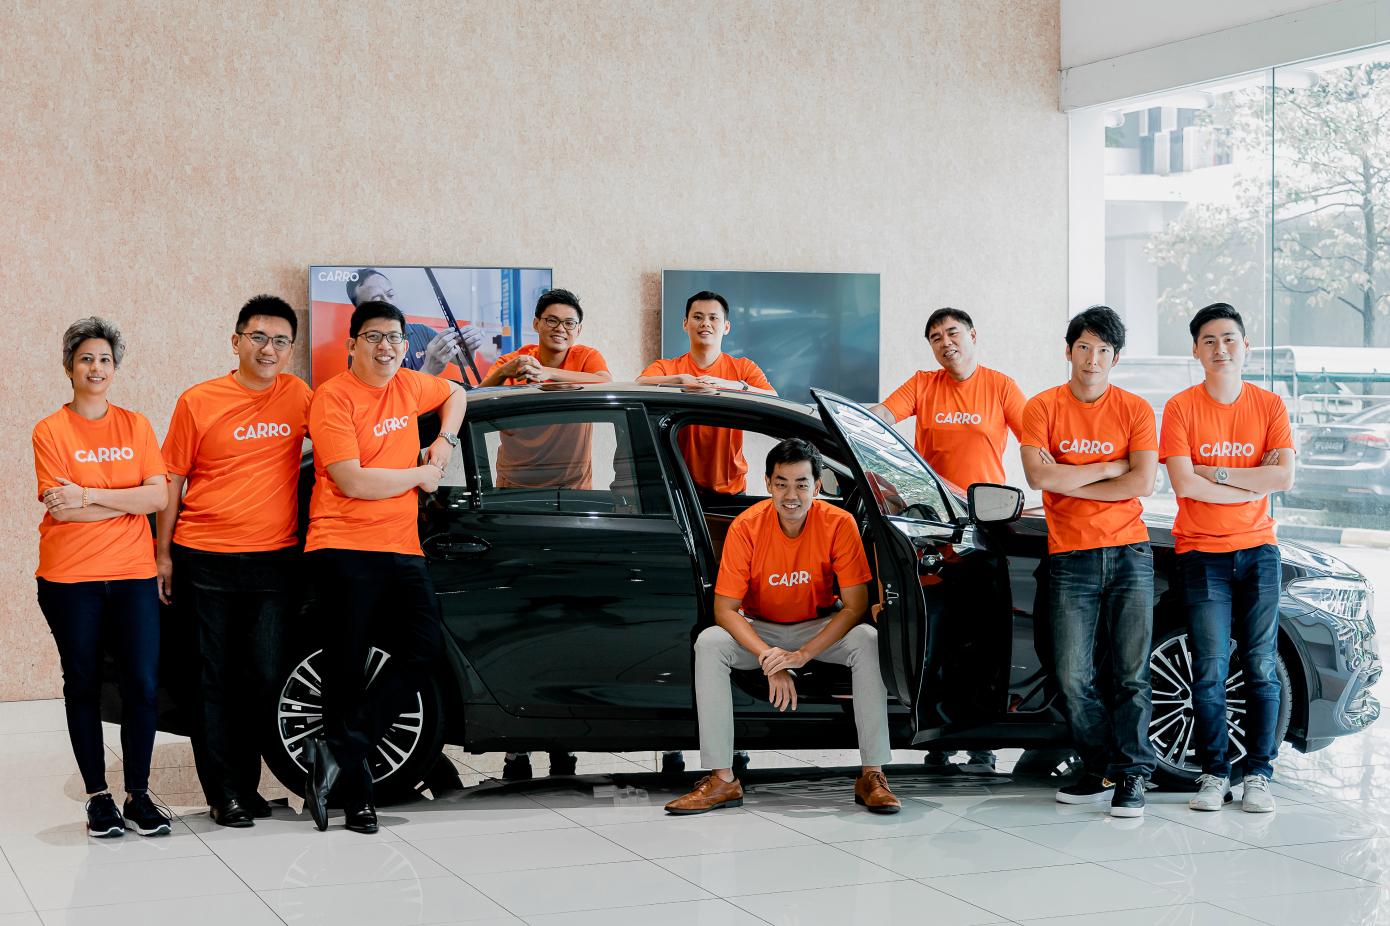 Carro , một trong những thị trường ô tô lớn nhất ở Đông Nam Á